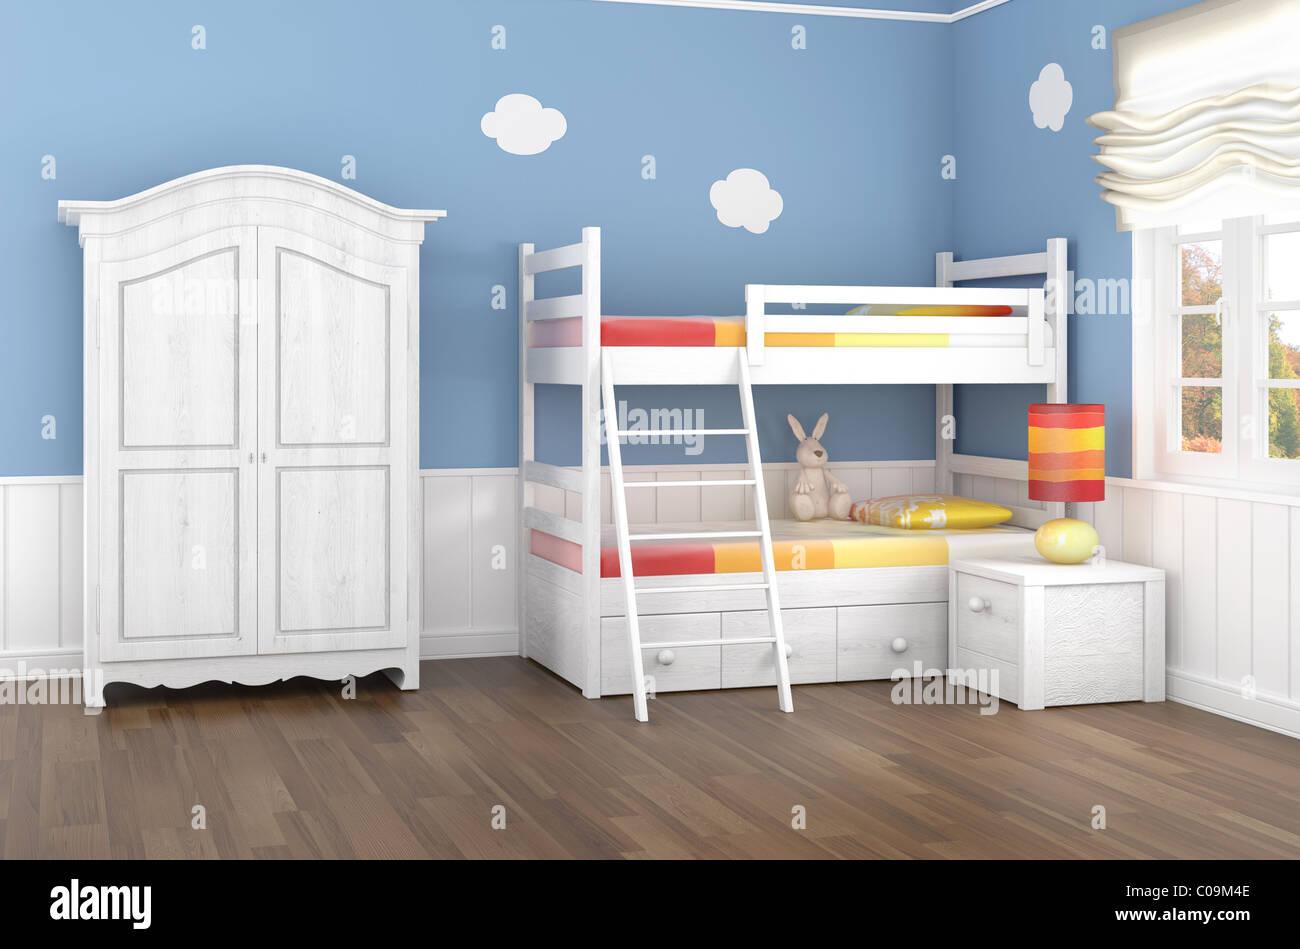 Etagenbett Schrank : Kinderzimmer in blauen wänden mit etagenbett und schrank stockfoto